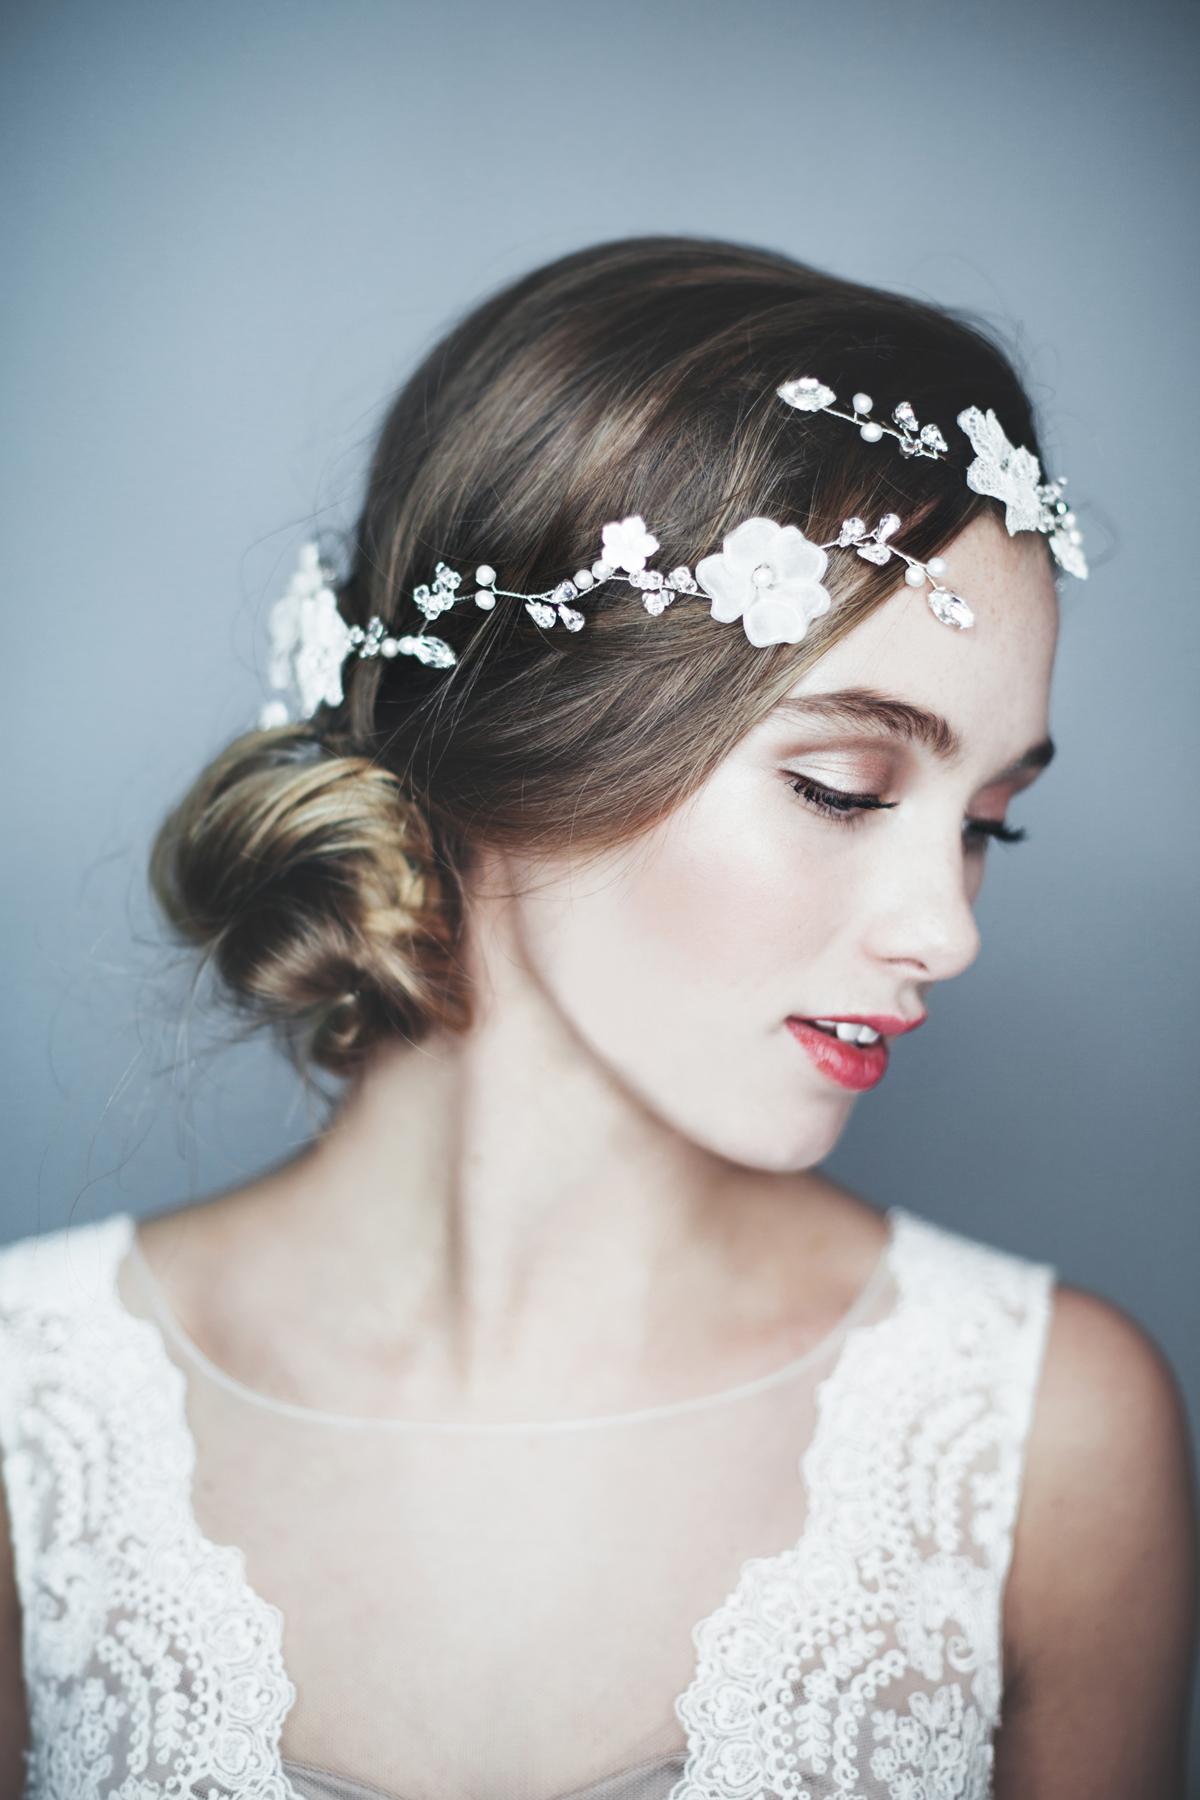 Rosie Willett Designs - 30% Saving on Exquisite Handmade Wedding Headpieces Jewellery (Bridal Fashion Get Inspired Supplier Spotlight )